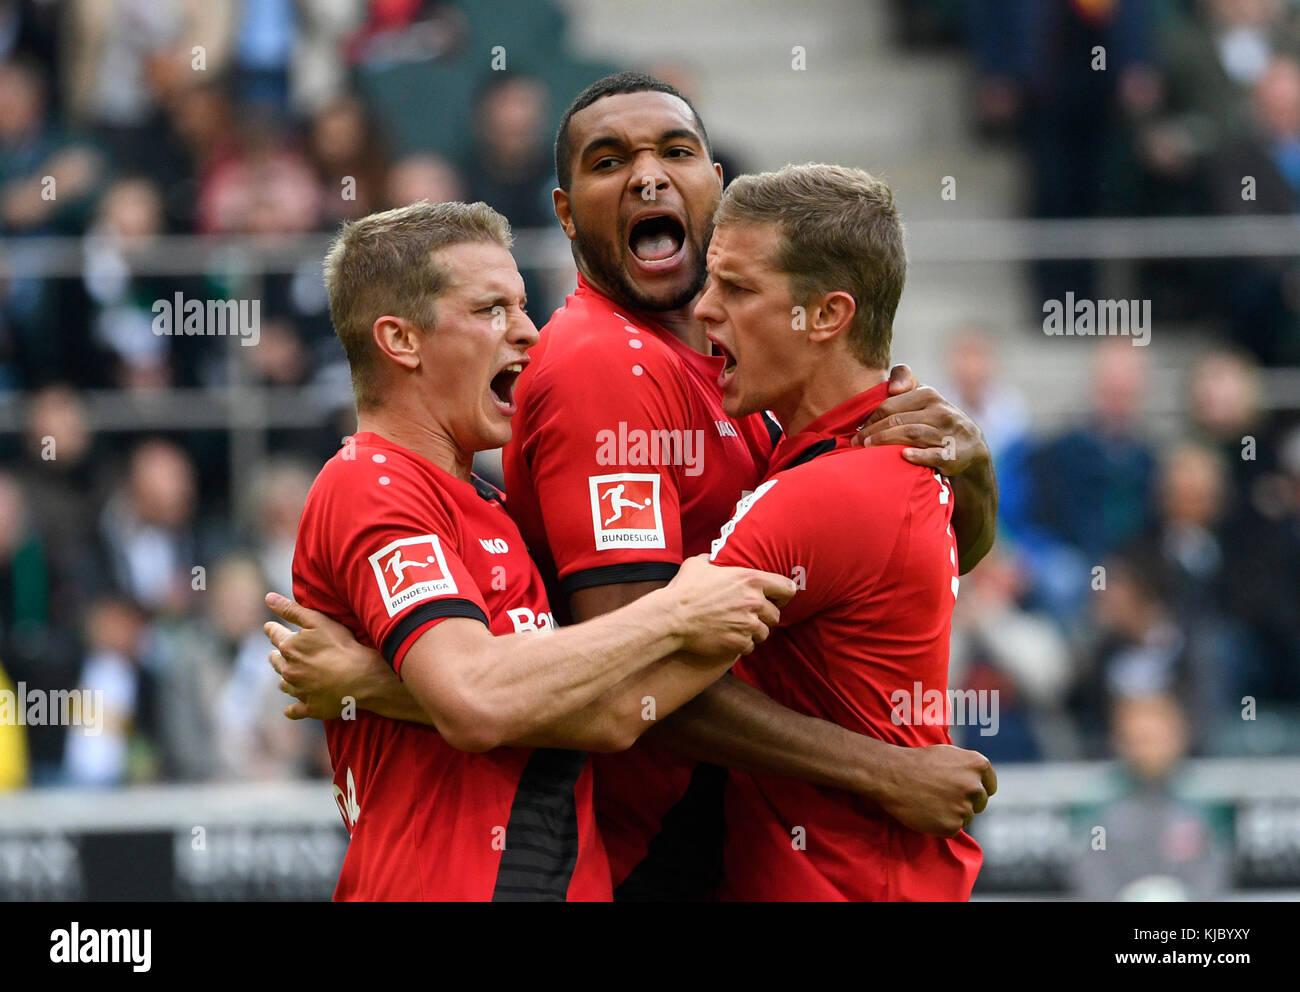 Allenamento calcio Bayer 04 Leverkusen prima